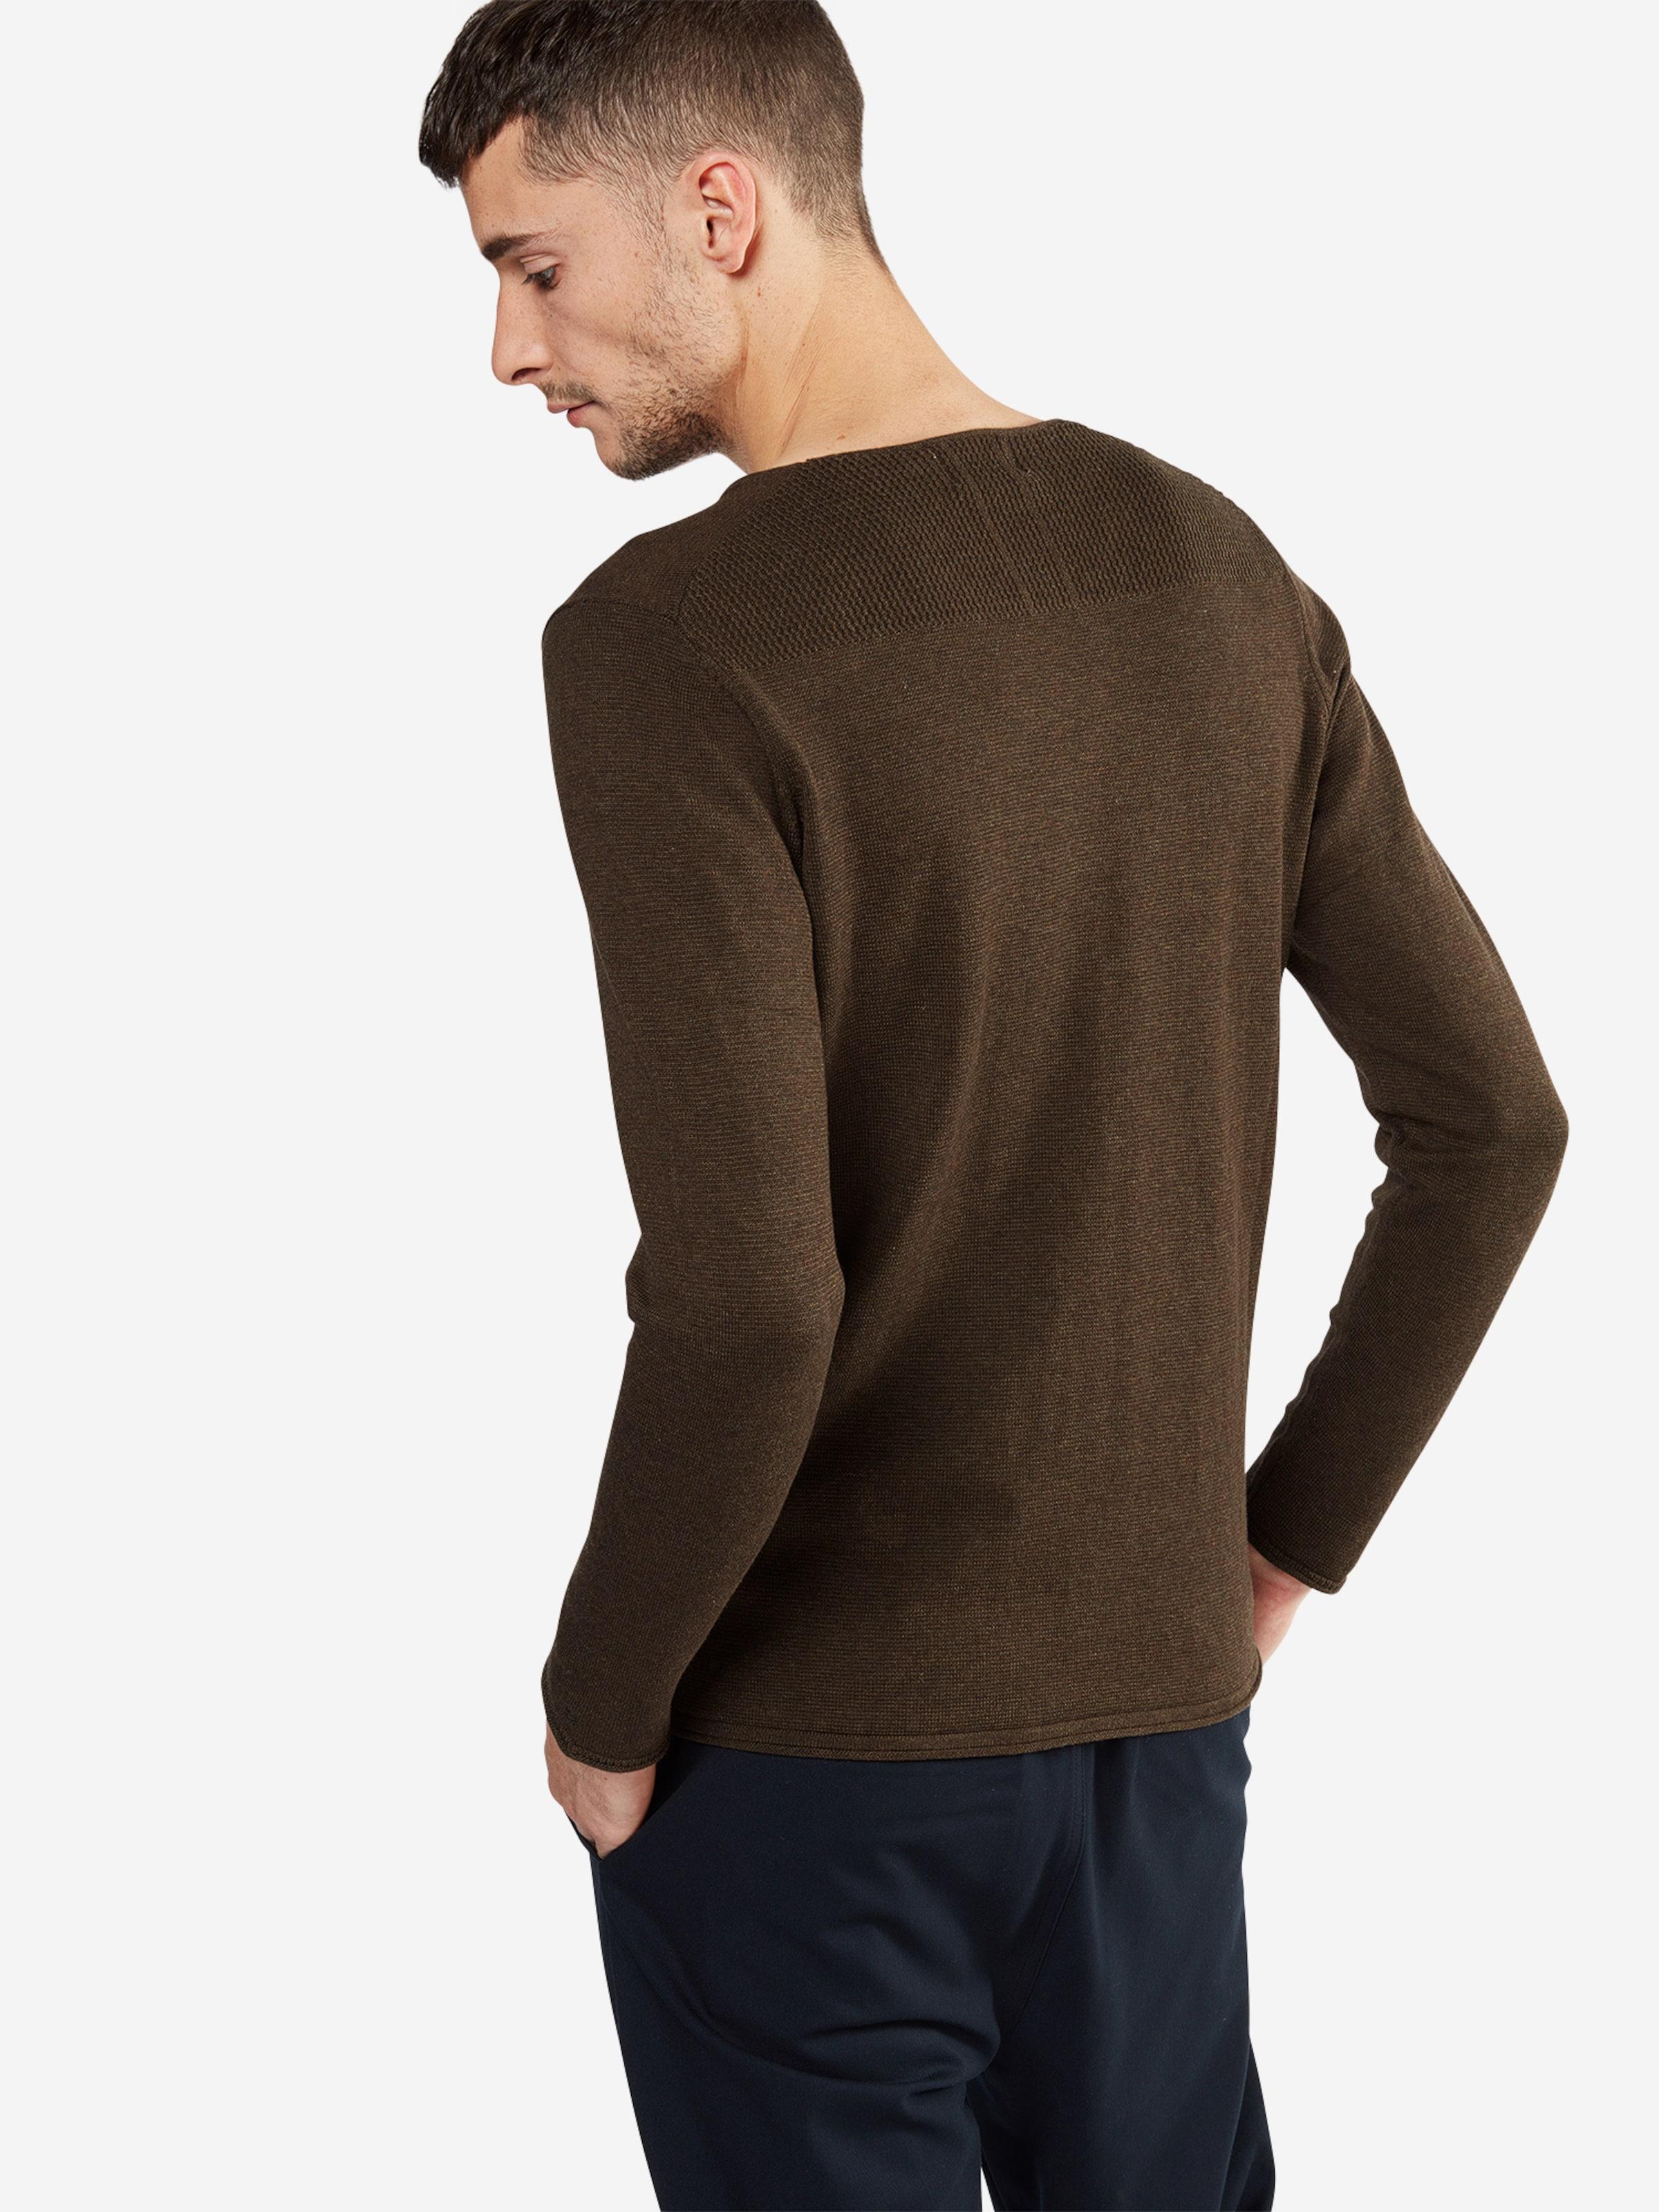 NOWADAYS Pullover 'fine melange basic pullover' Rabatt Hohe Qualität Günstig Kaufen Am Besten Günstig Kaufen Günstigsten Preis Günstigste Preis Verkauf Online Prvvm